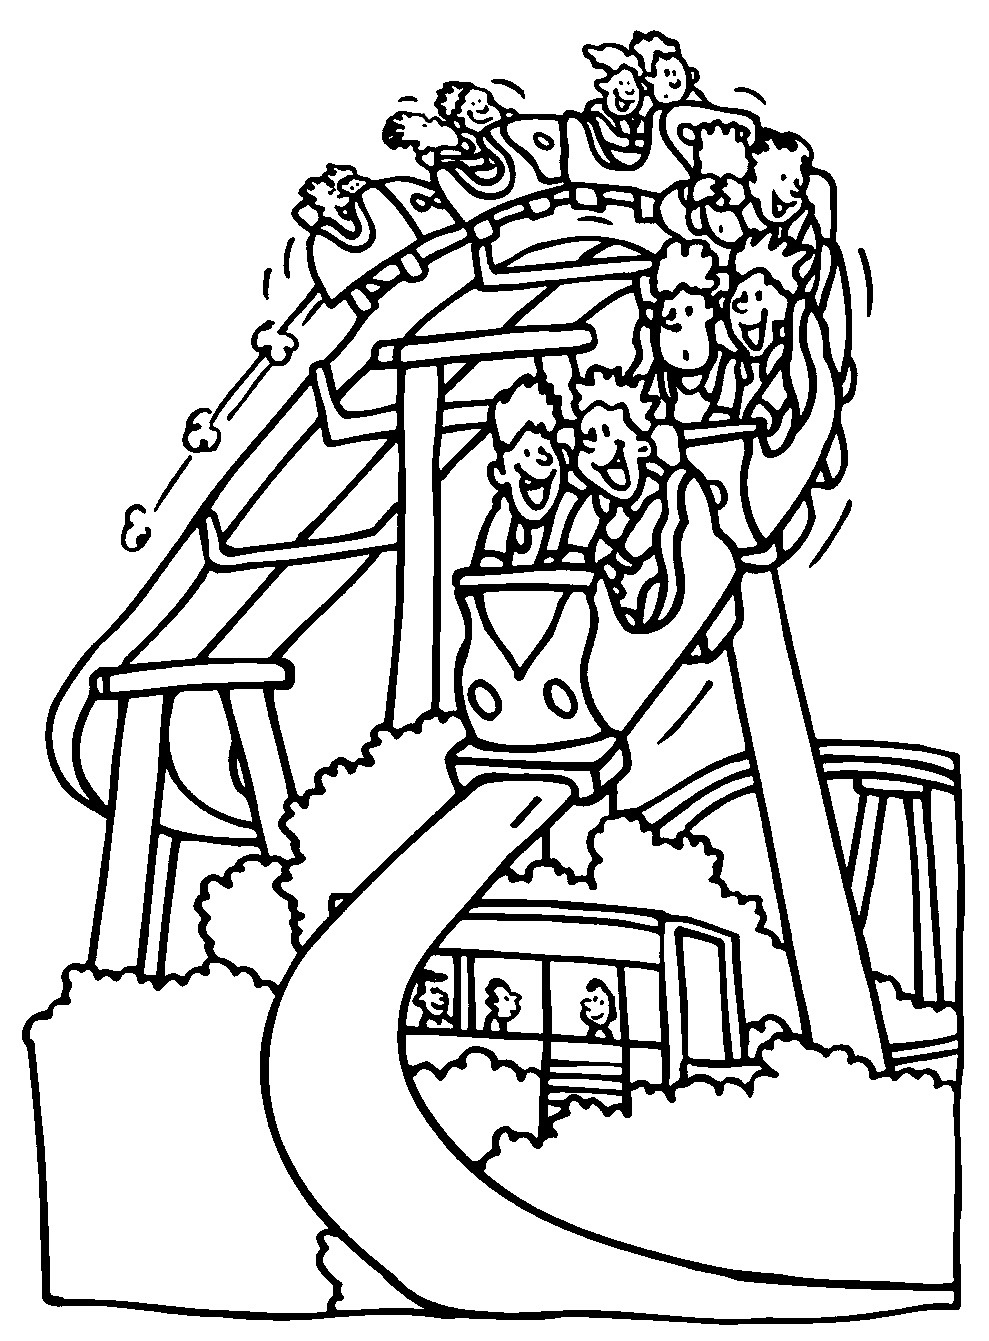 989x1341 Fun Amusement Park Coloring Pages